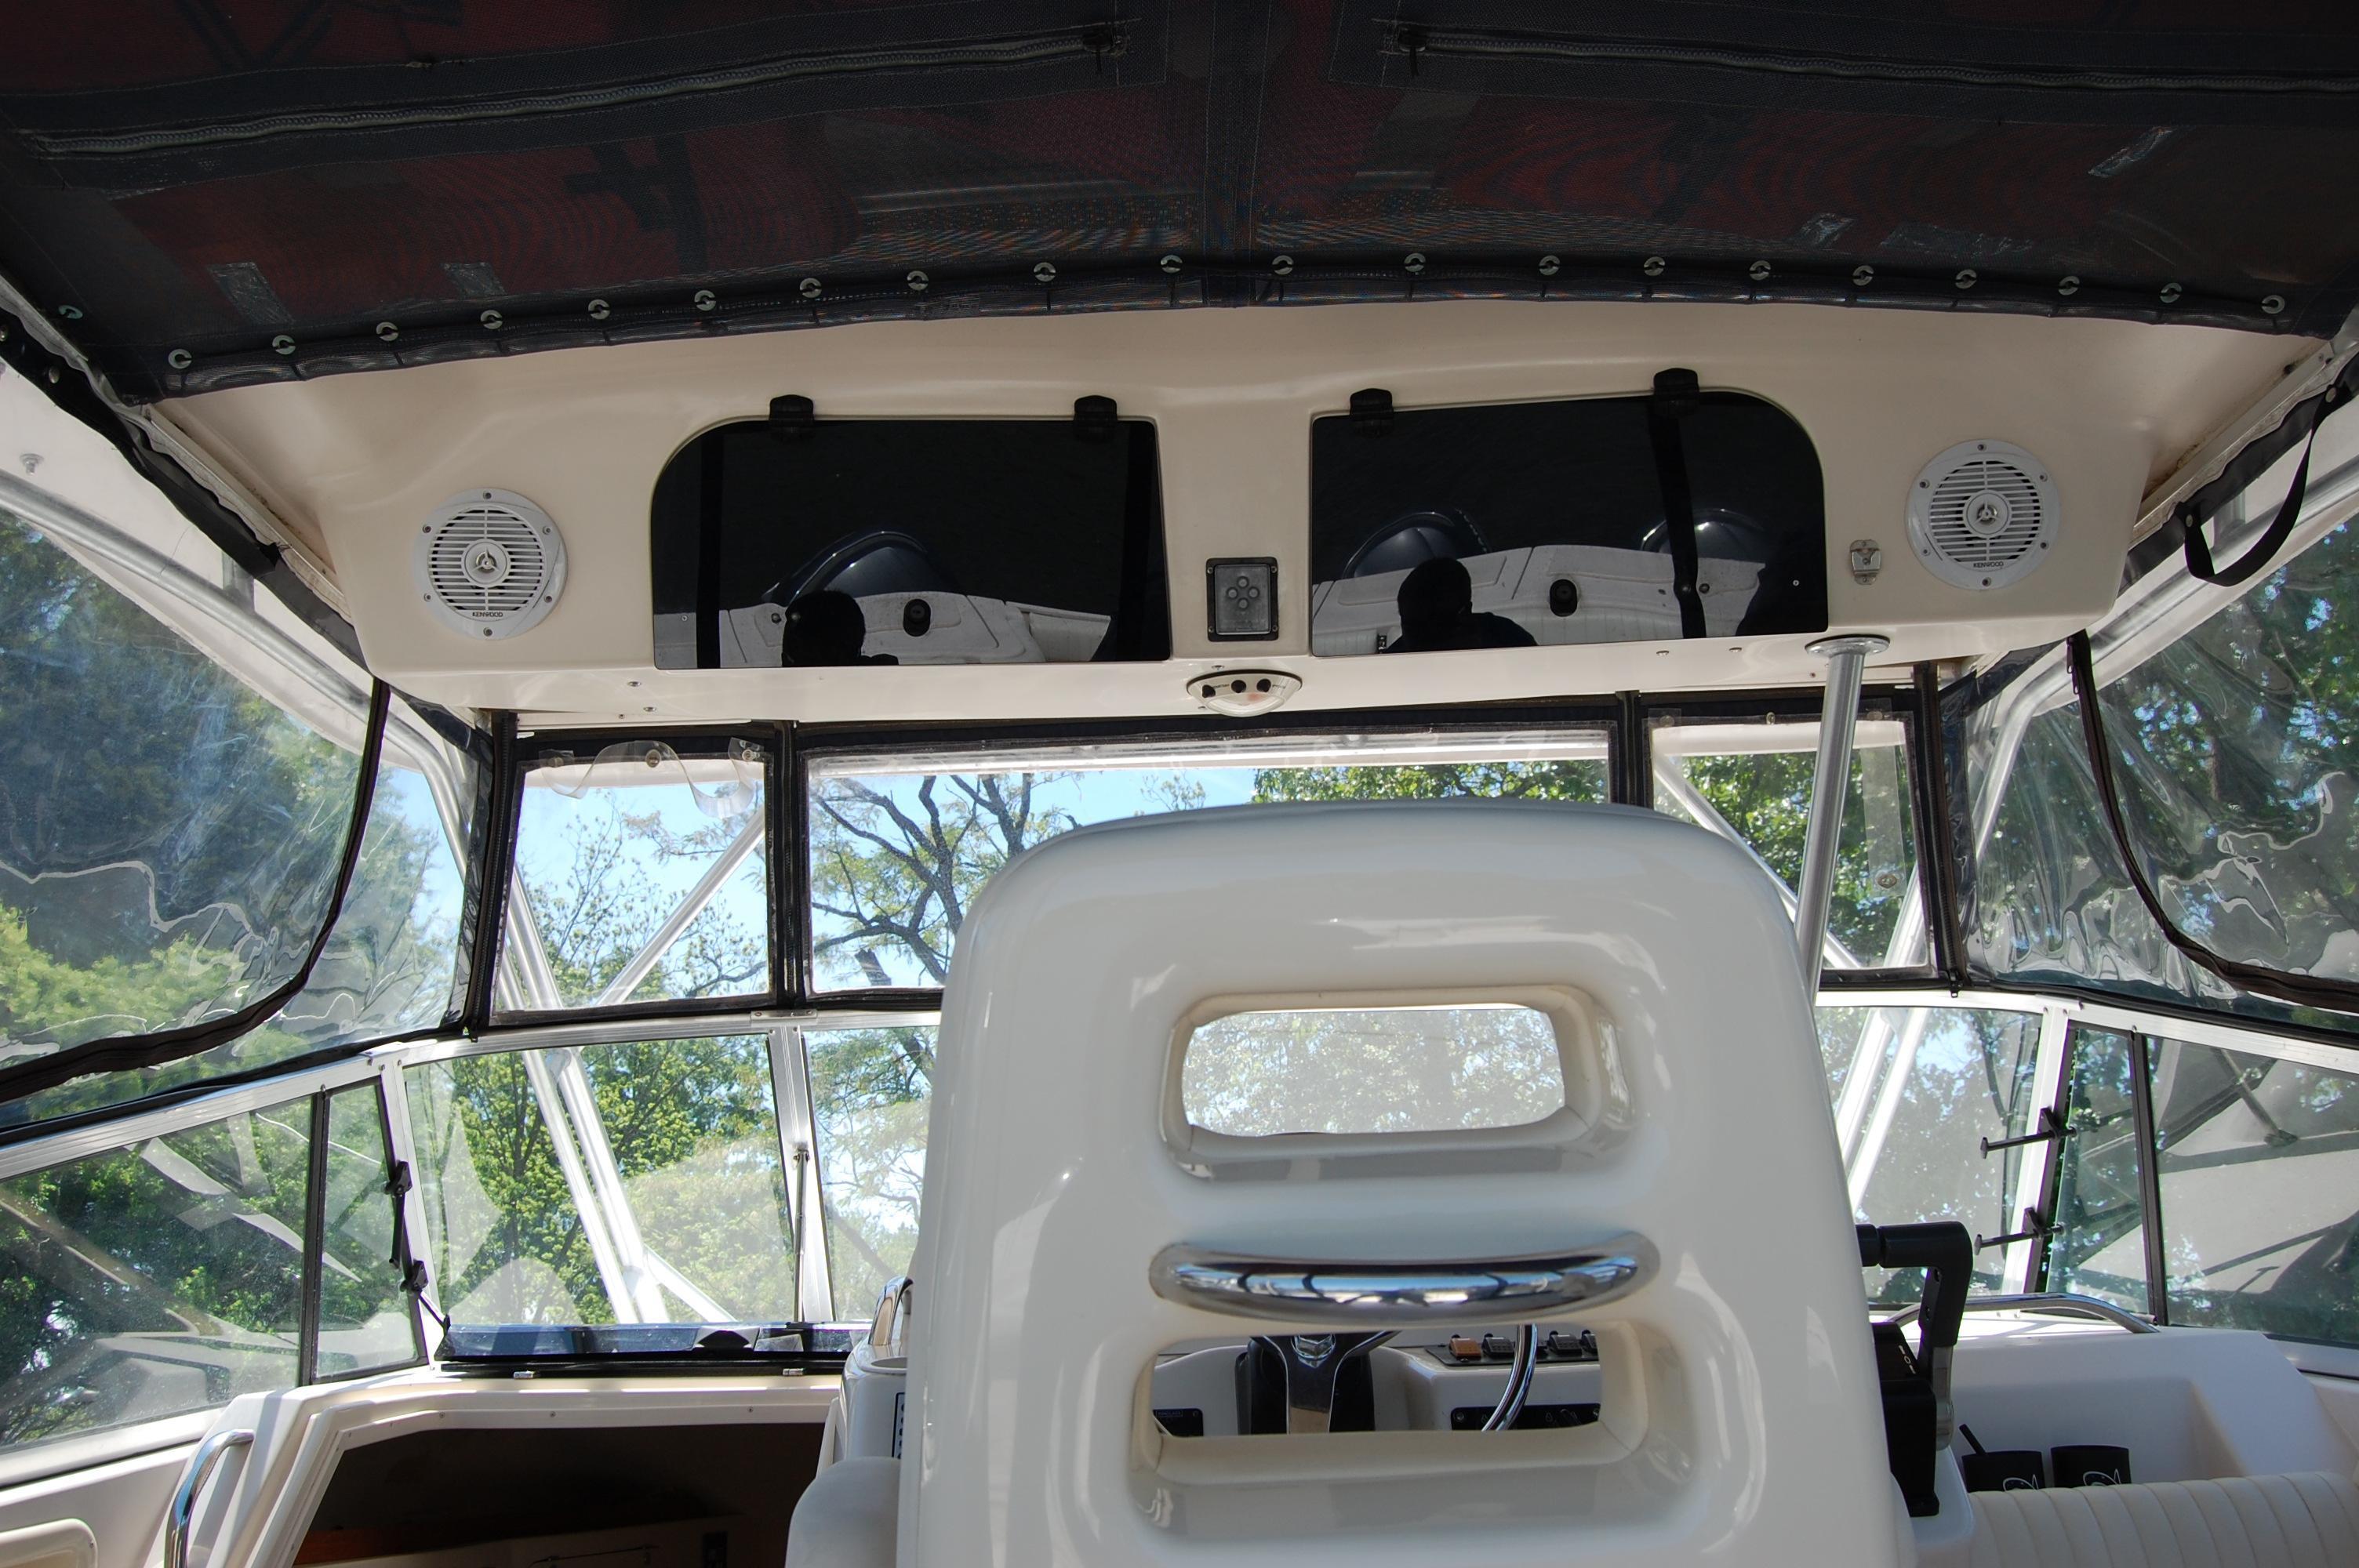 2002 Grady White 330 Express, Overhead Radio boxes